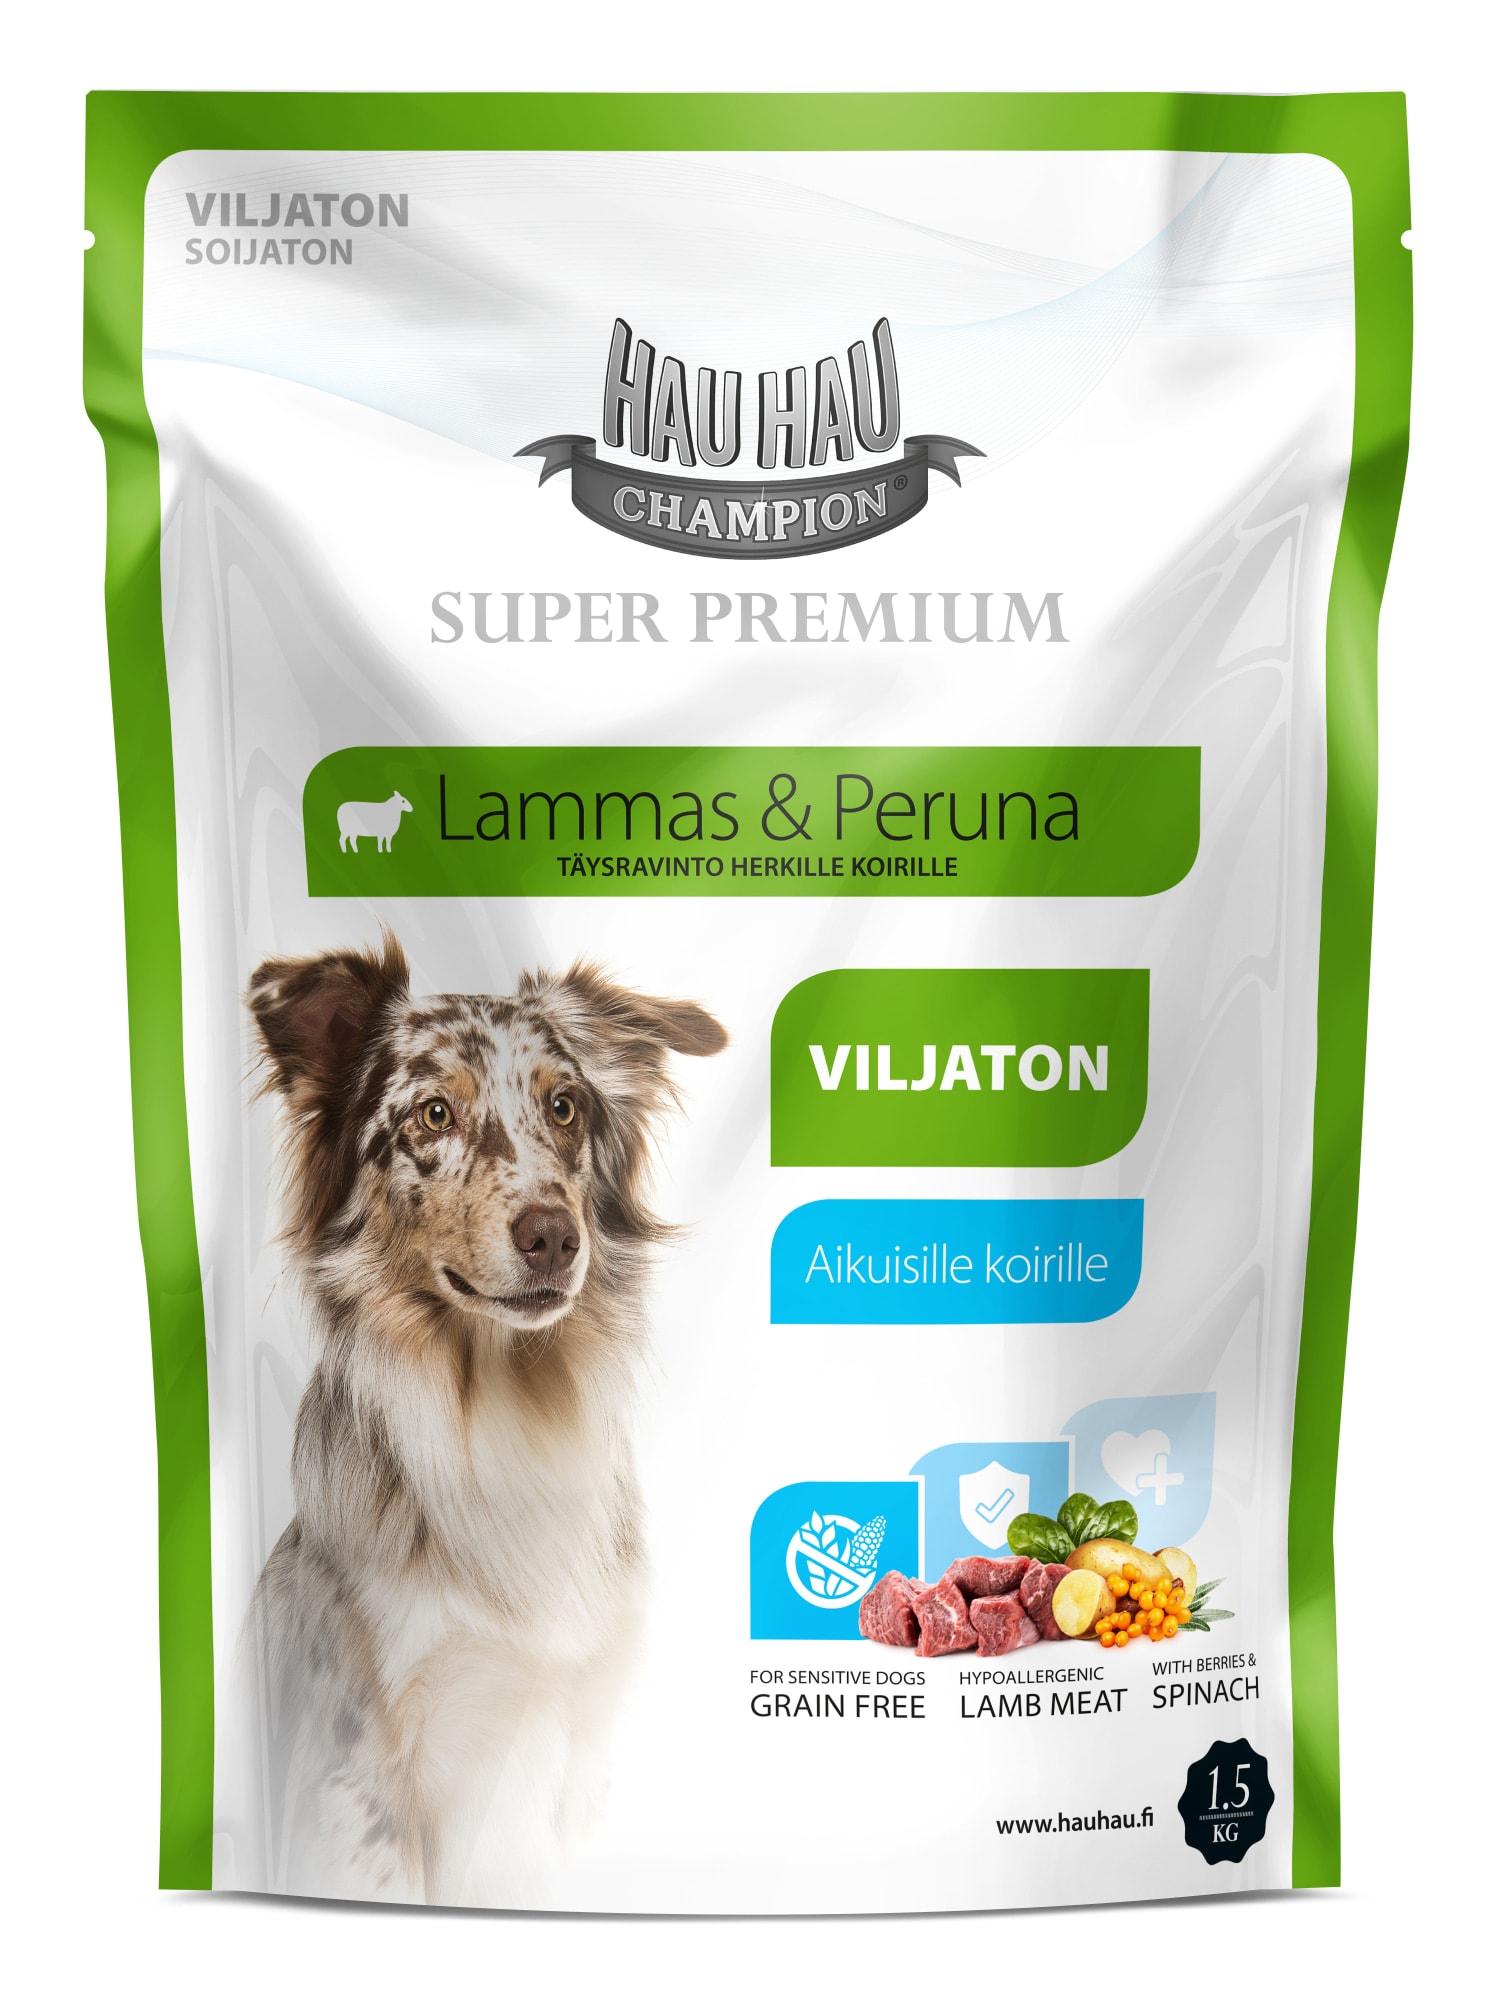 Hau Hau Champion Super Premium Lammas Viljaton Koiran Ruoka Karkkainen Com Verkkokauppa